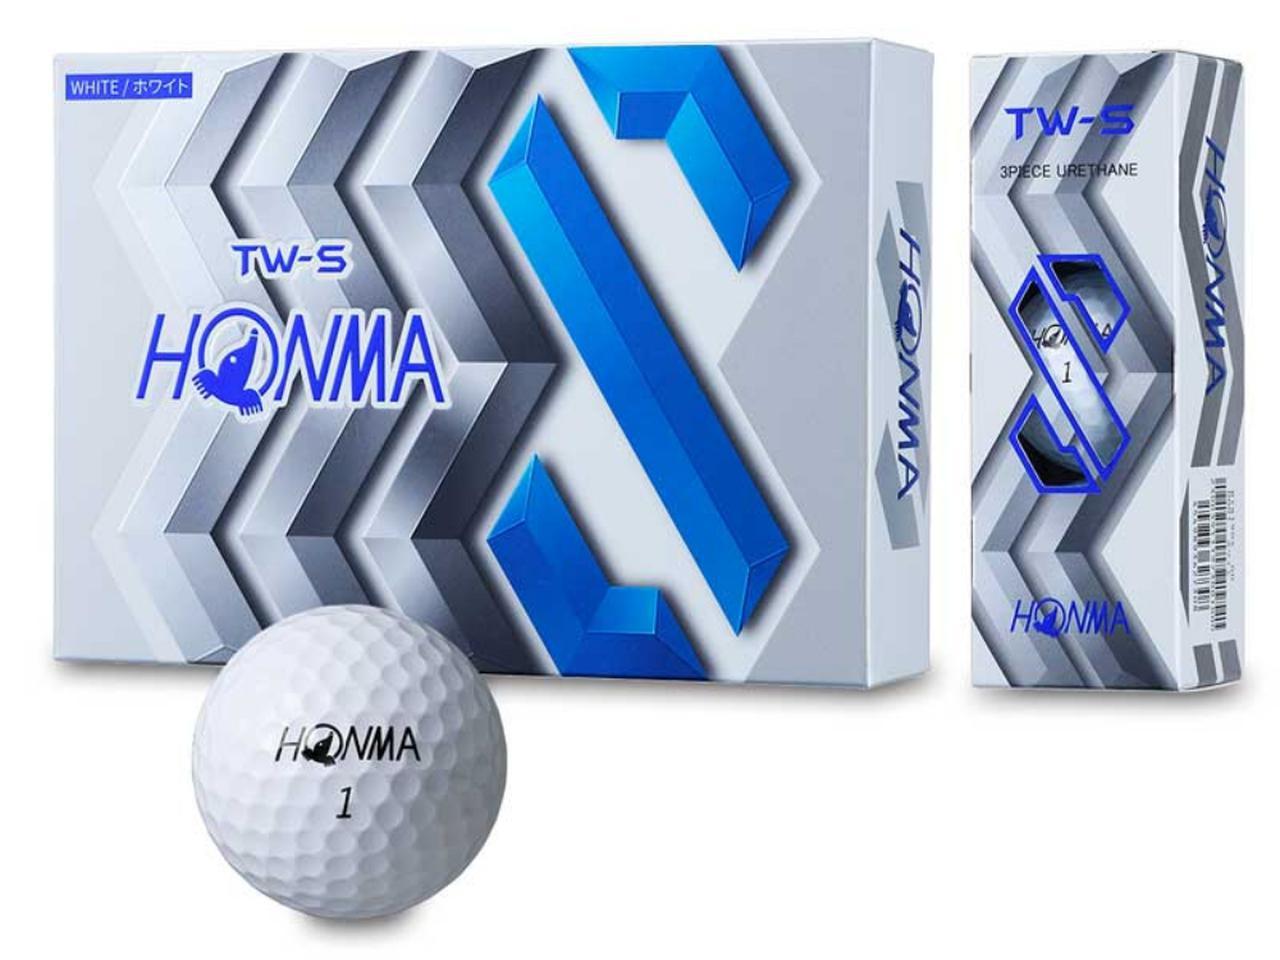 画像2: リーズナブル価格でツアーボールに匹敵性能 ホンマTW-S、TW-X